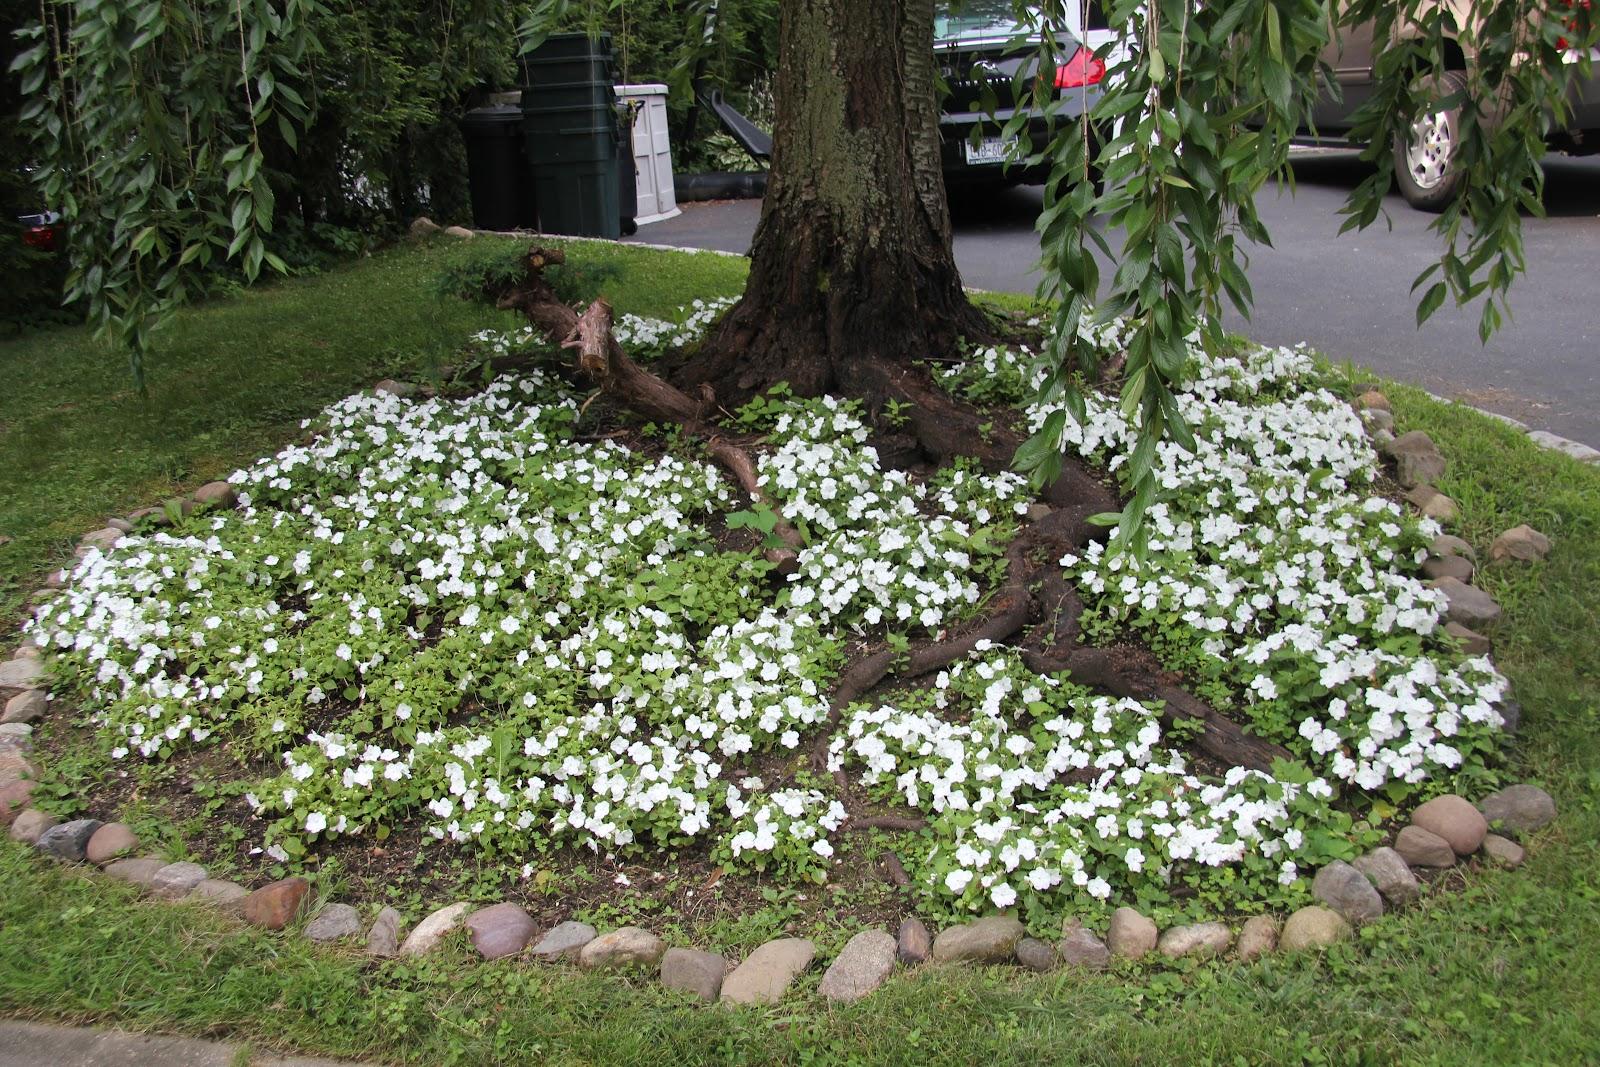 Best Lawn Fertilizer >> Gardening and Gardens: Impatiens destroyed by Downy Mildew